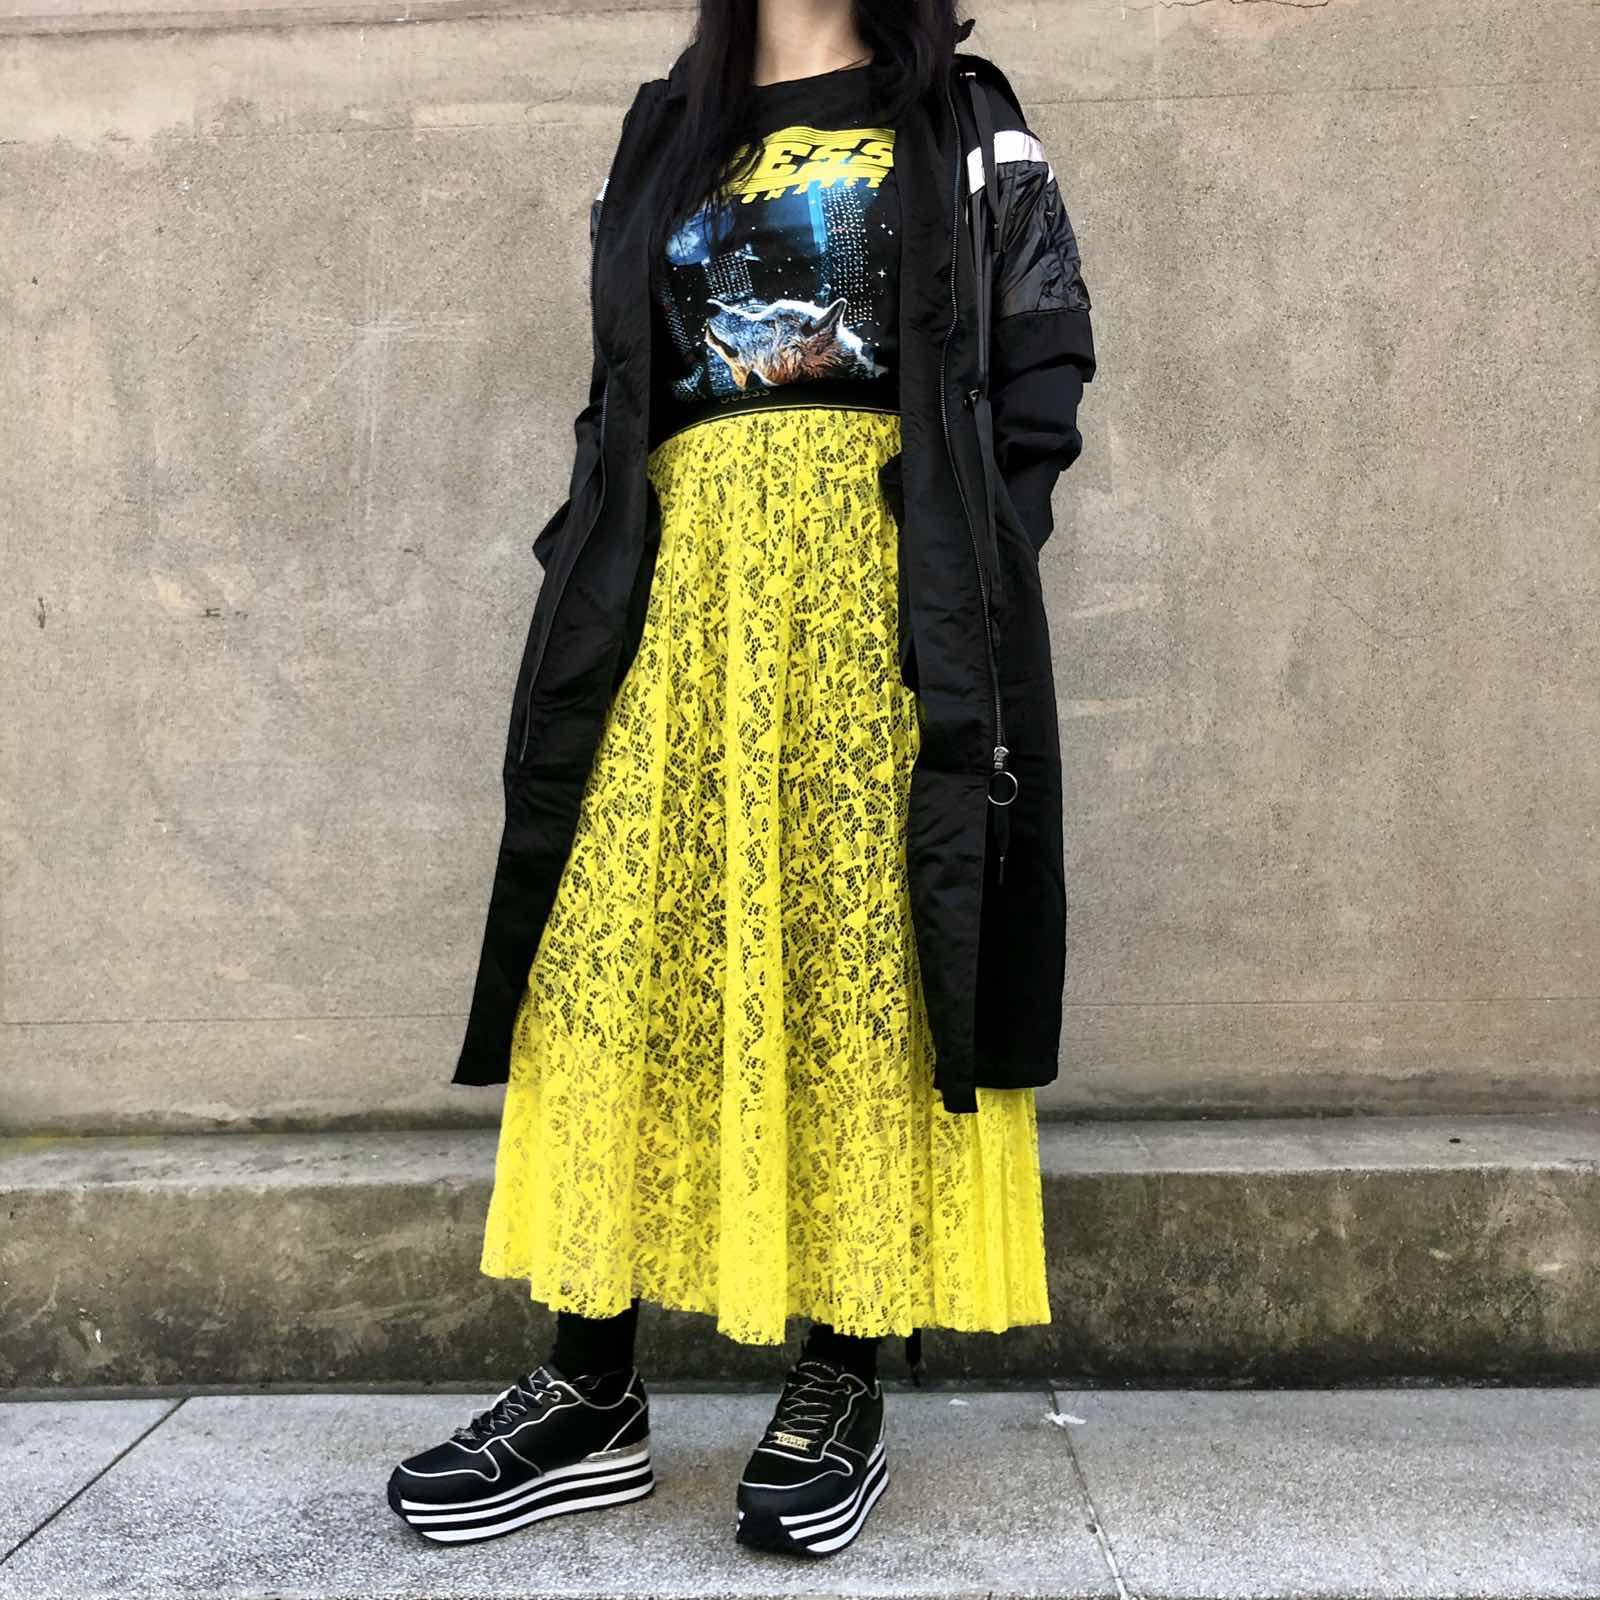 Nova kolekcija pomlad poletja 2020 - Ženska oblačila, obutev in modni dodatki